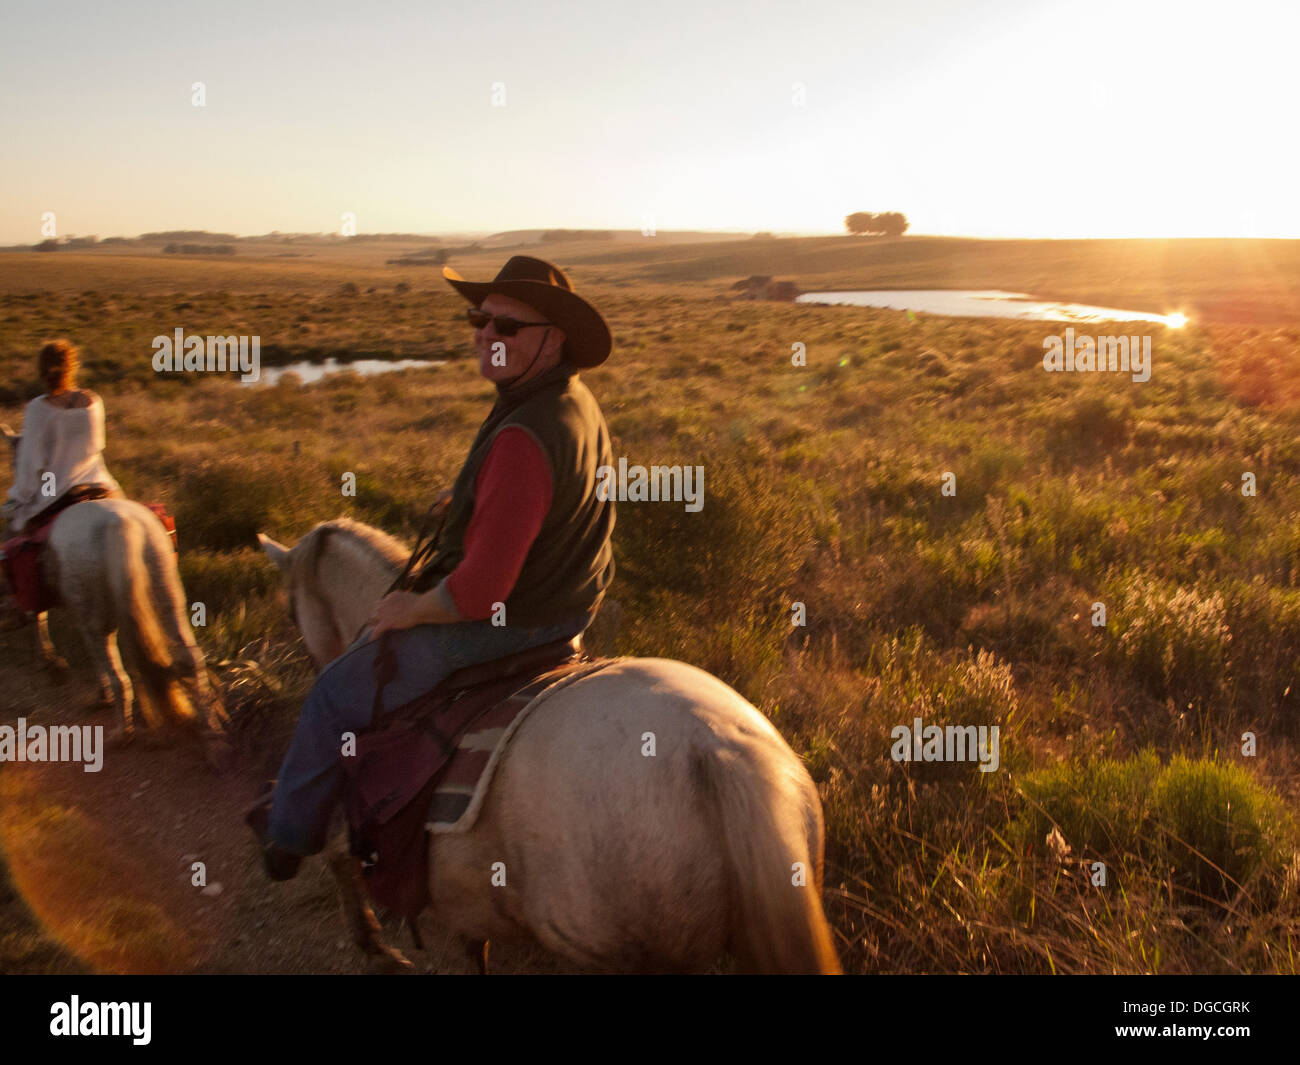 Hombre Senior montando un caballo Criollo, Uruguay Imagen De Stock